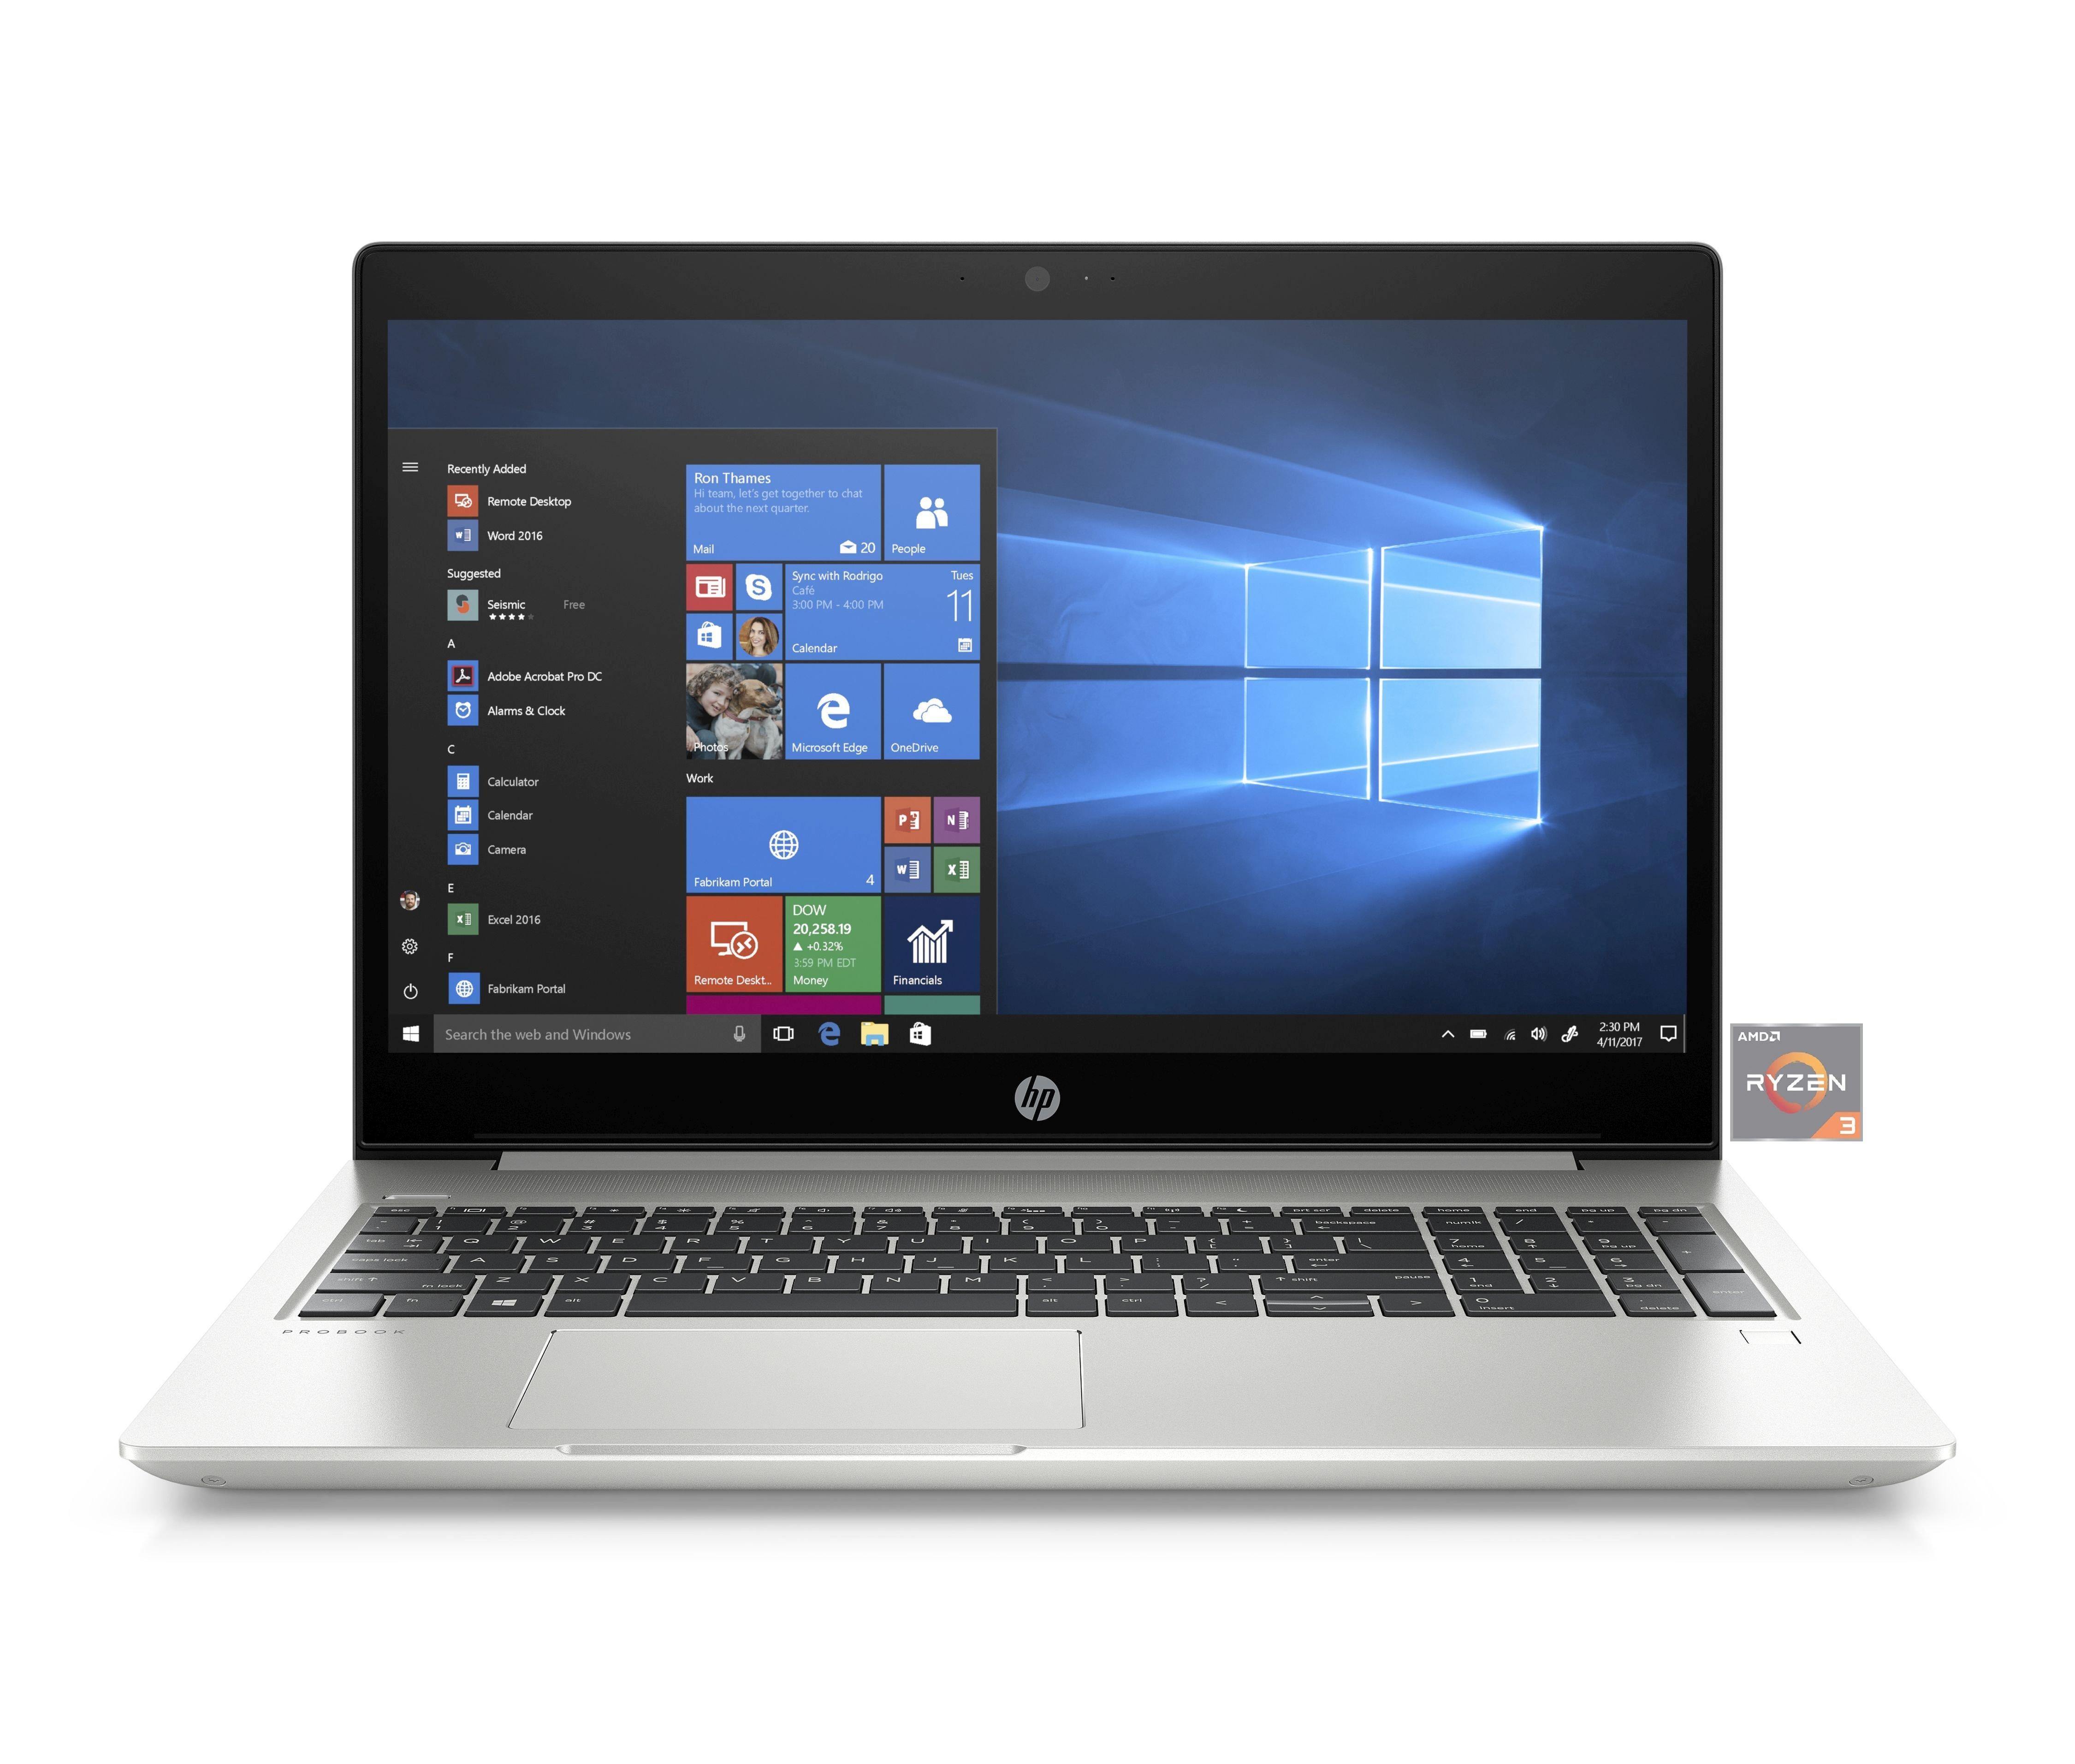 Für Ösis: HP ProBook mit 15,6 Zoll, Full-HD, IPS, Alu-Deckel, Tastaturbeleuchtung, Fingerabdruckscanner